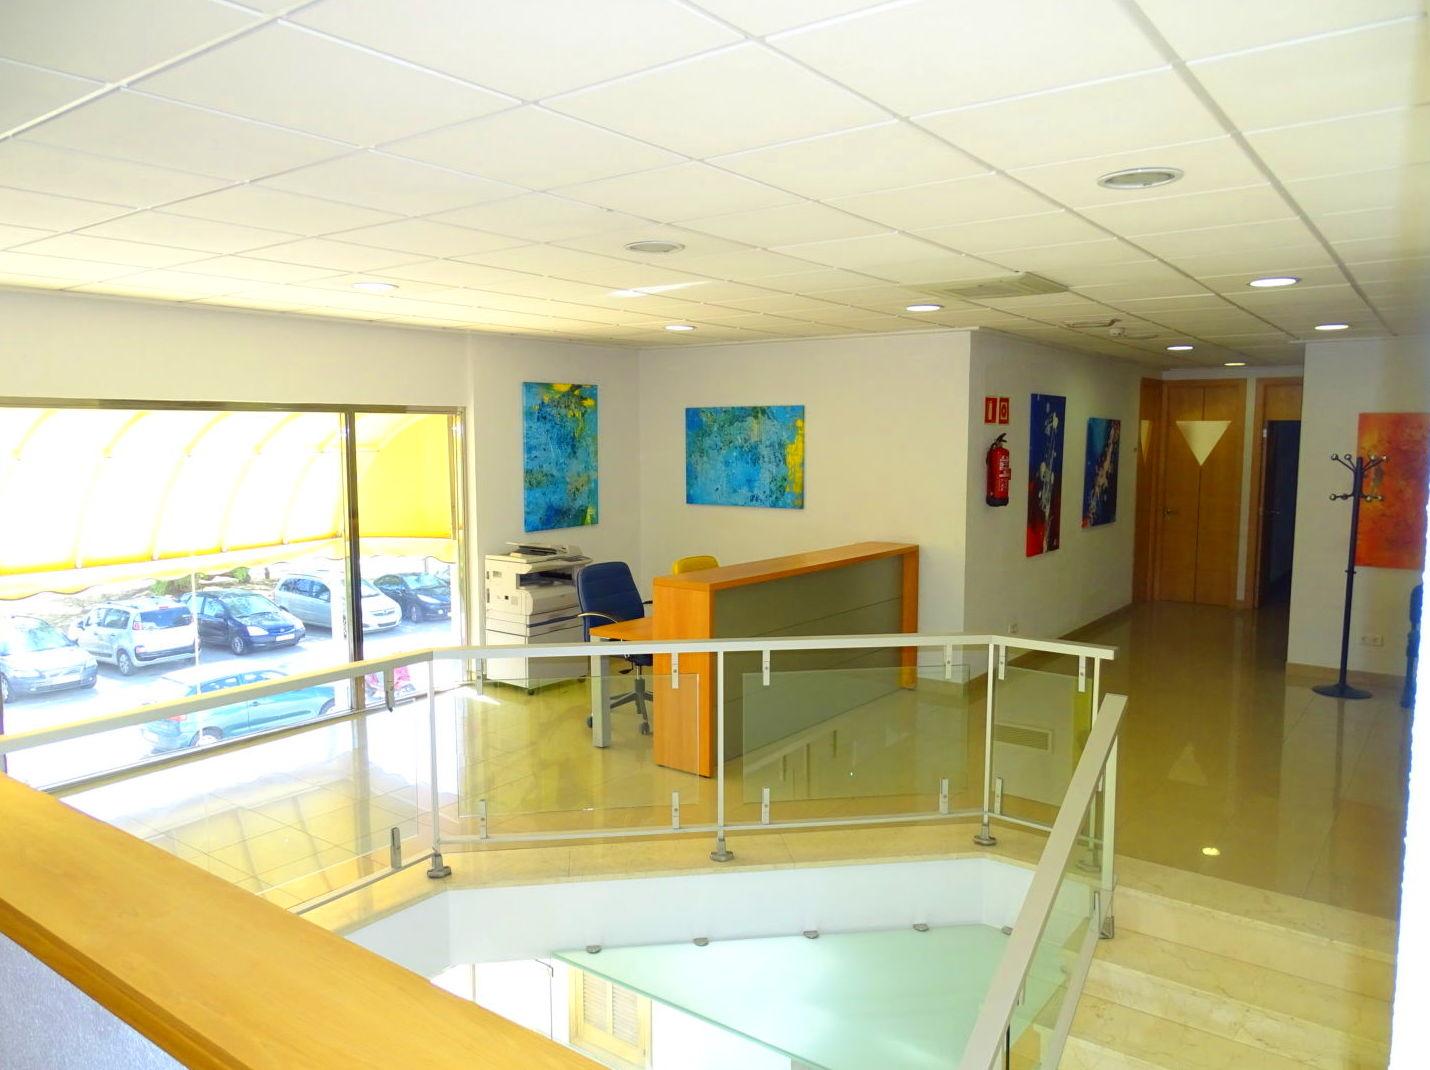 Foto 2 de Alquiler salas totalmente equipadas en Palma de Mallorca | Centro de negocios Son Castelló